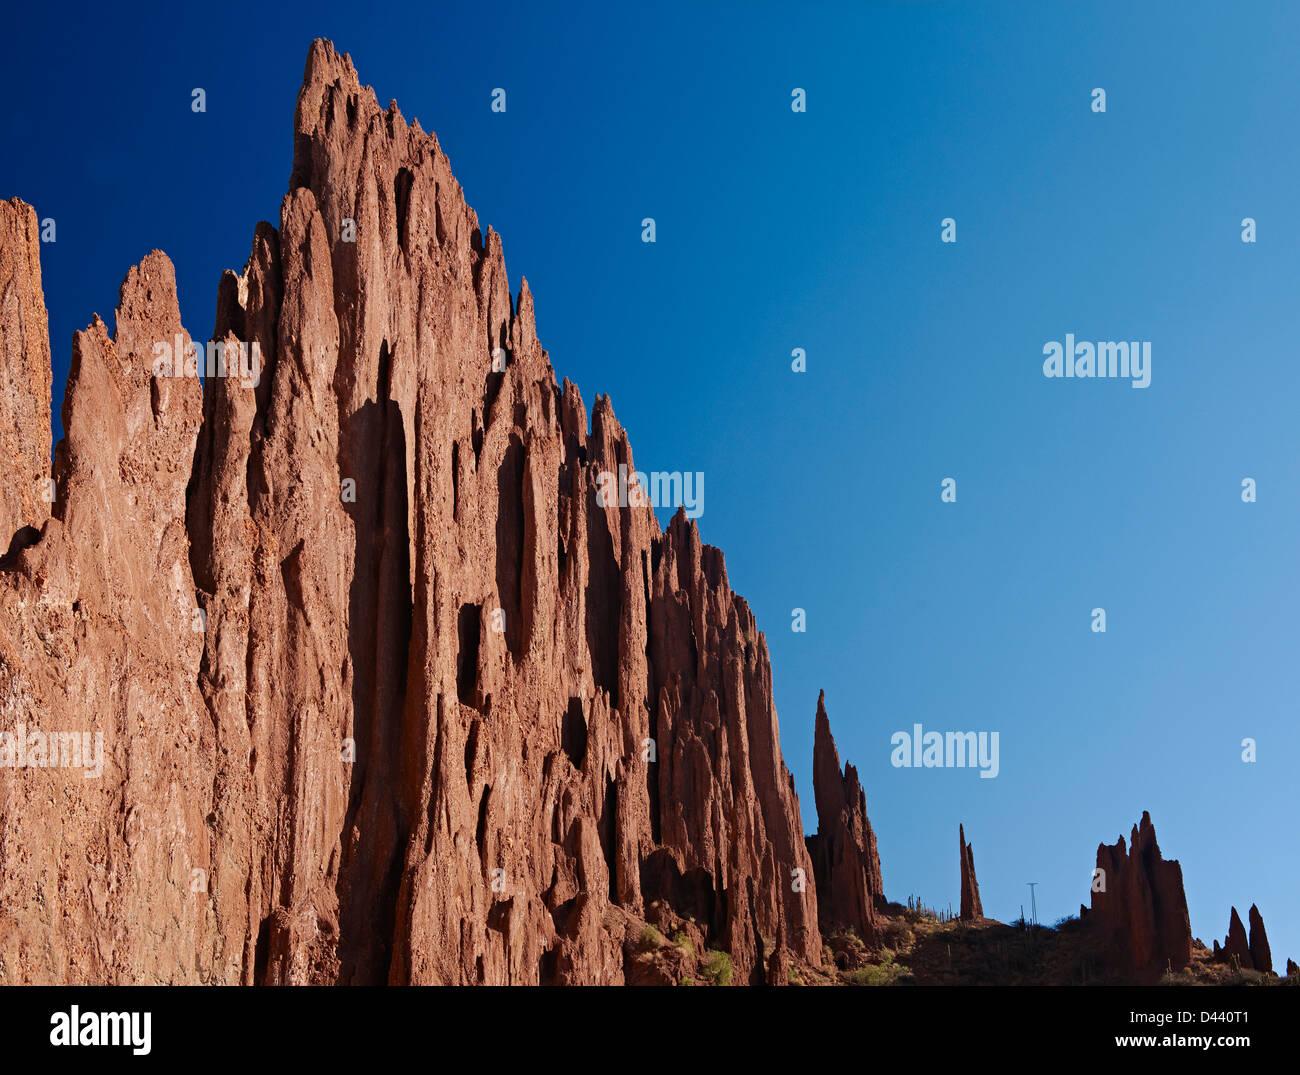 erosion landscape near Tupiza, Red rock formations in the Canon Del Inca, Tupiza Chichas Range, Bolivia, South America - Stock Image